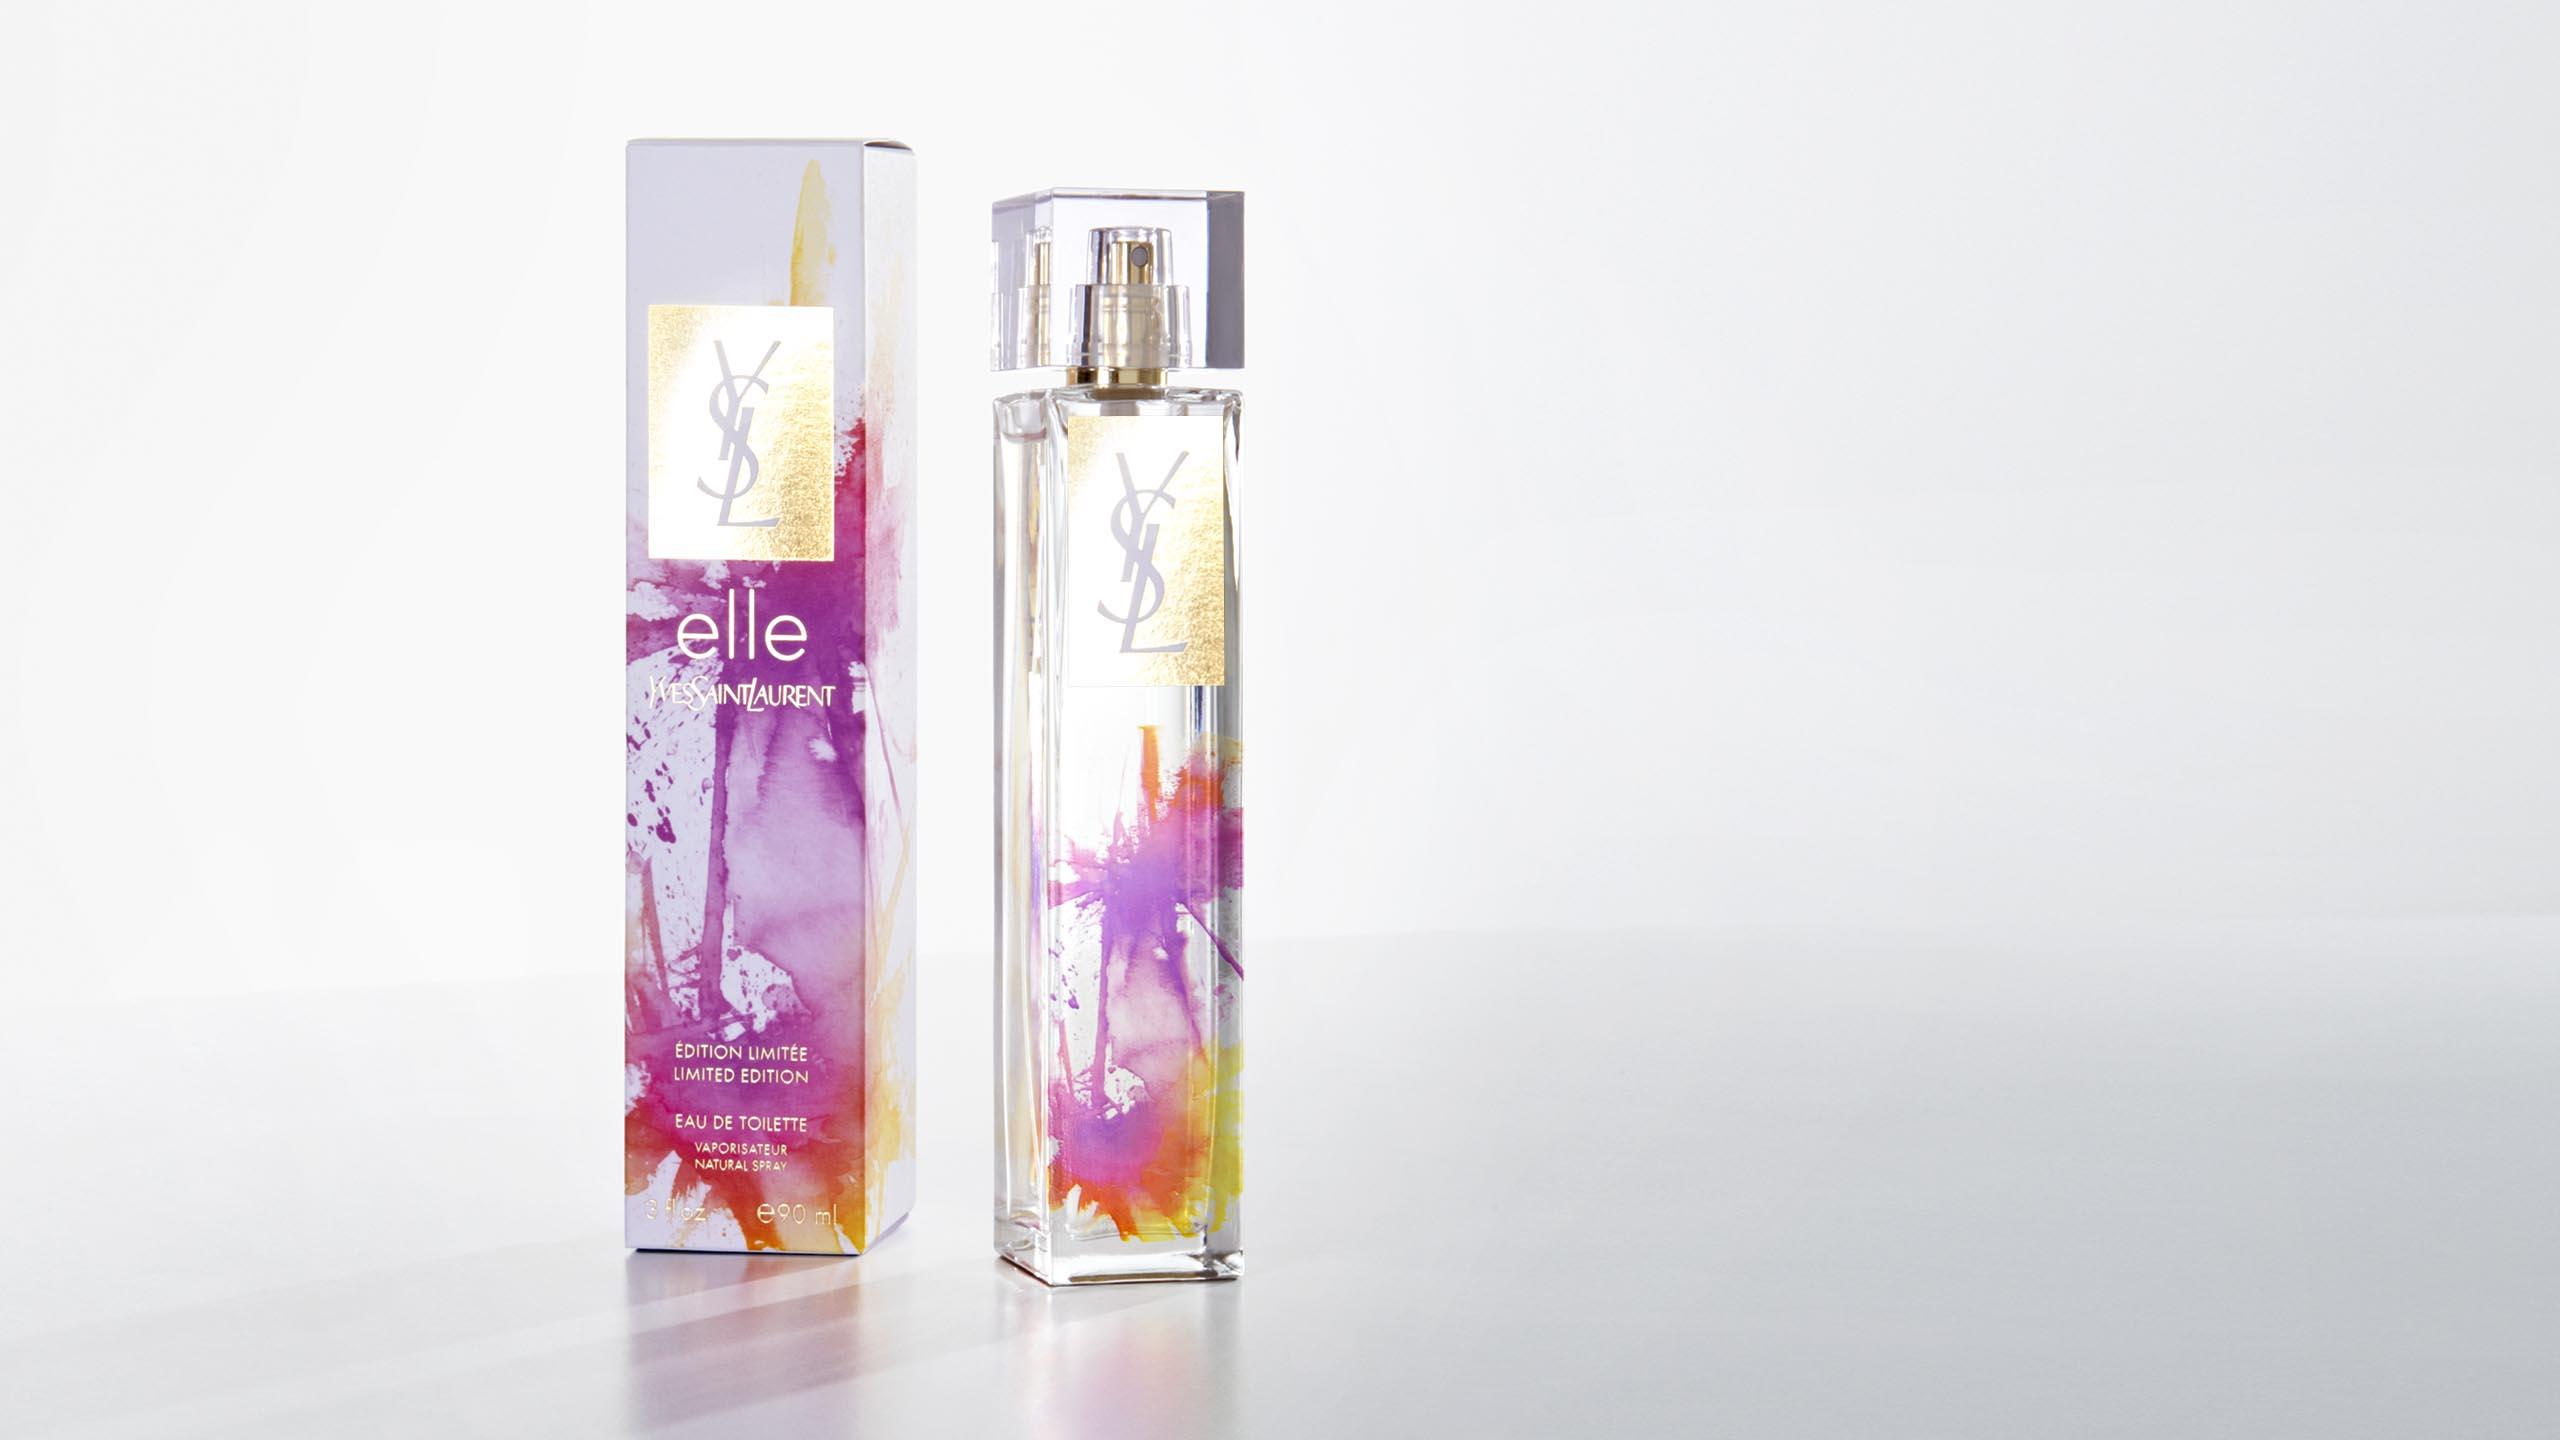 Yves Saint Laurent, YSL, Elle Splash, perfume, packaging design